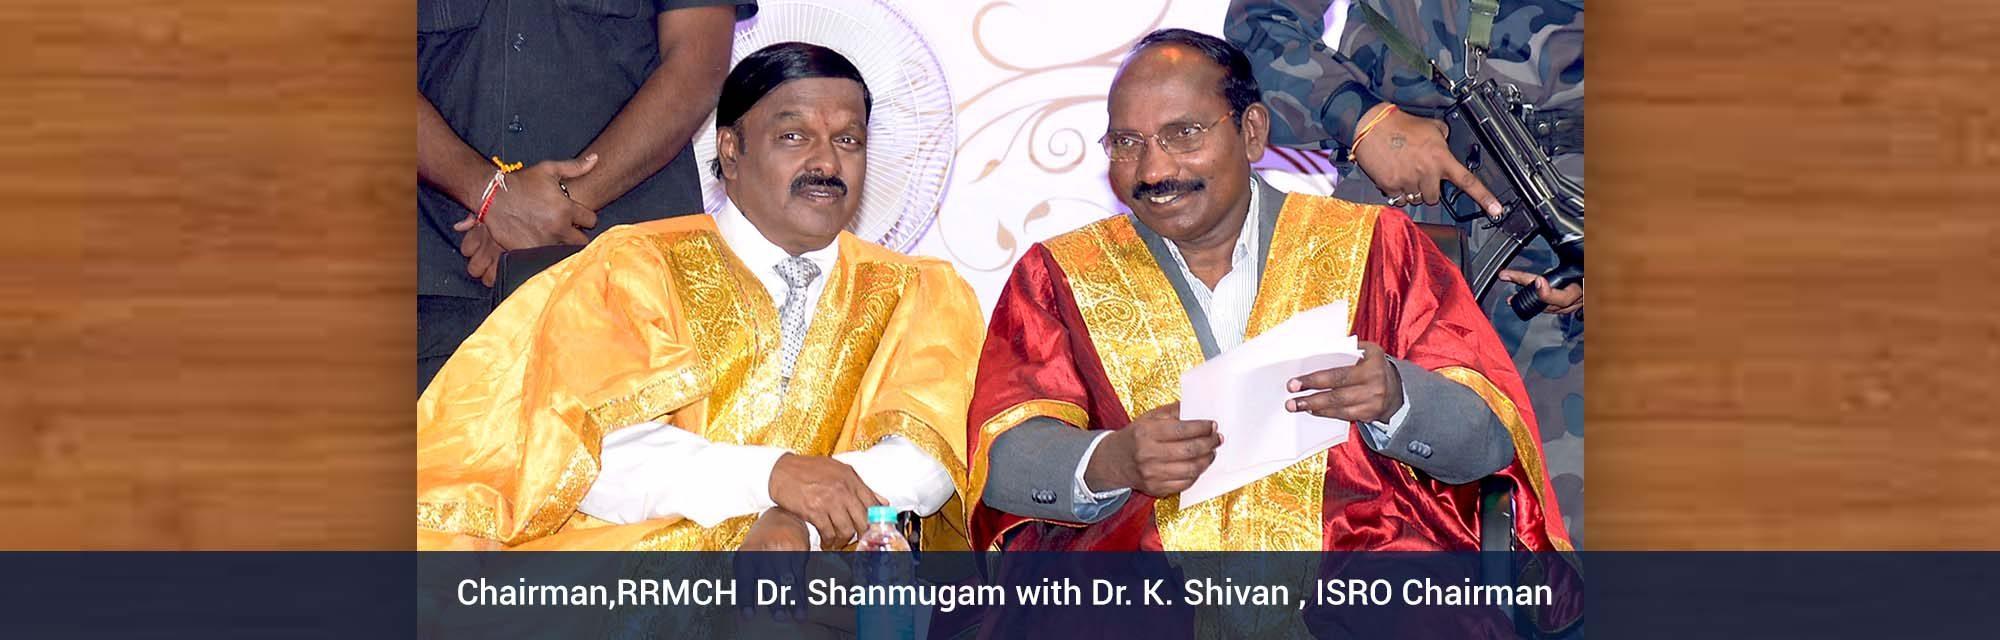 Chairman-RRMCH-with-ISRO-Chairman-3